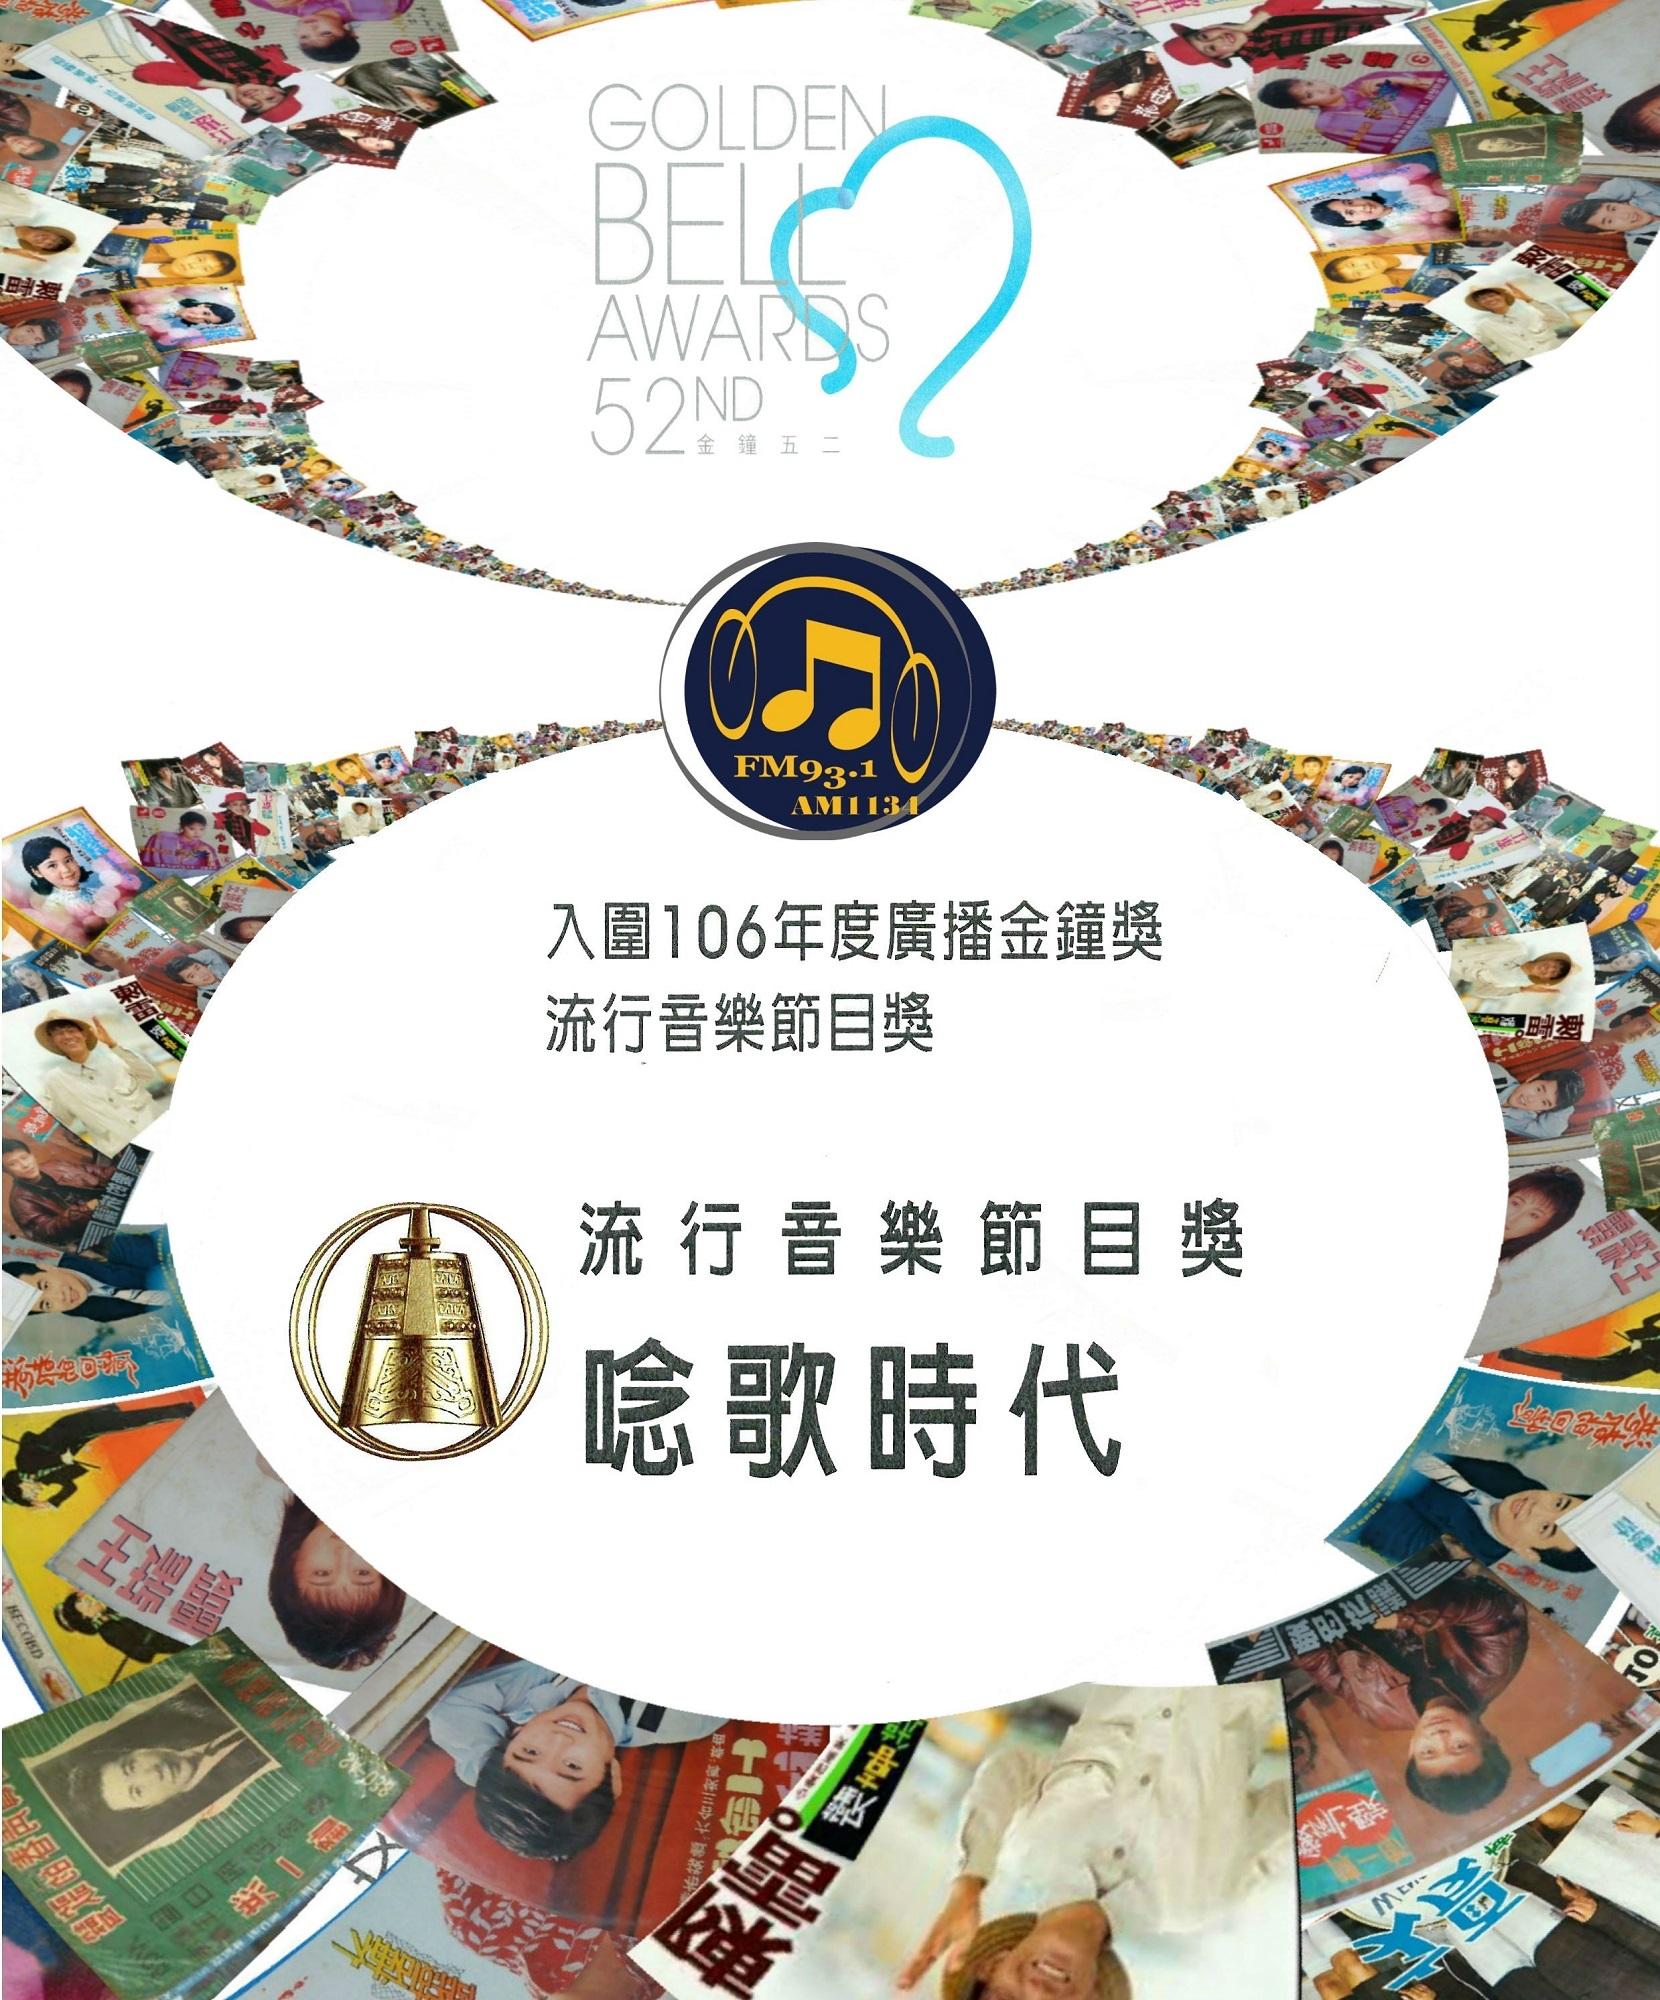 臺北電臺「唸歌時代」節目為大家分享臺語經典好歌